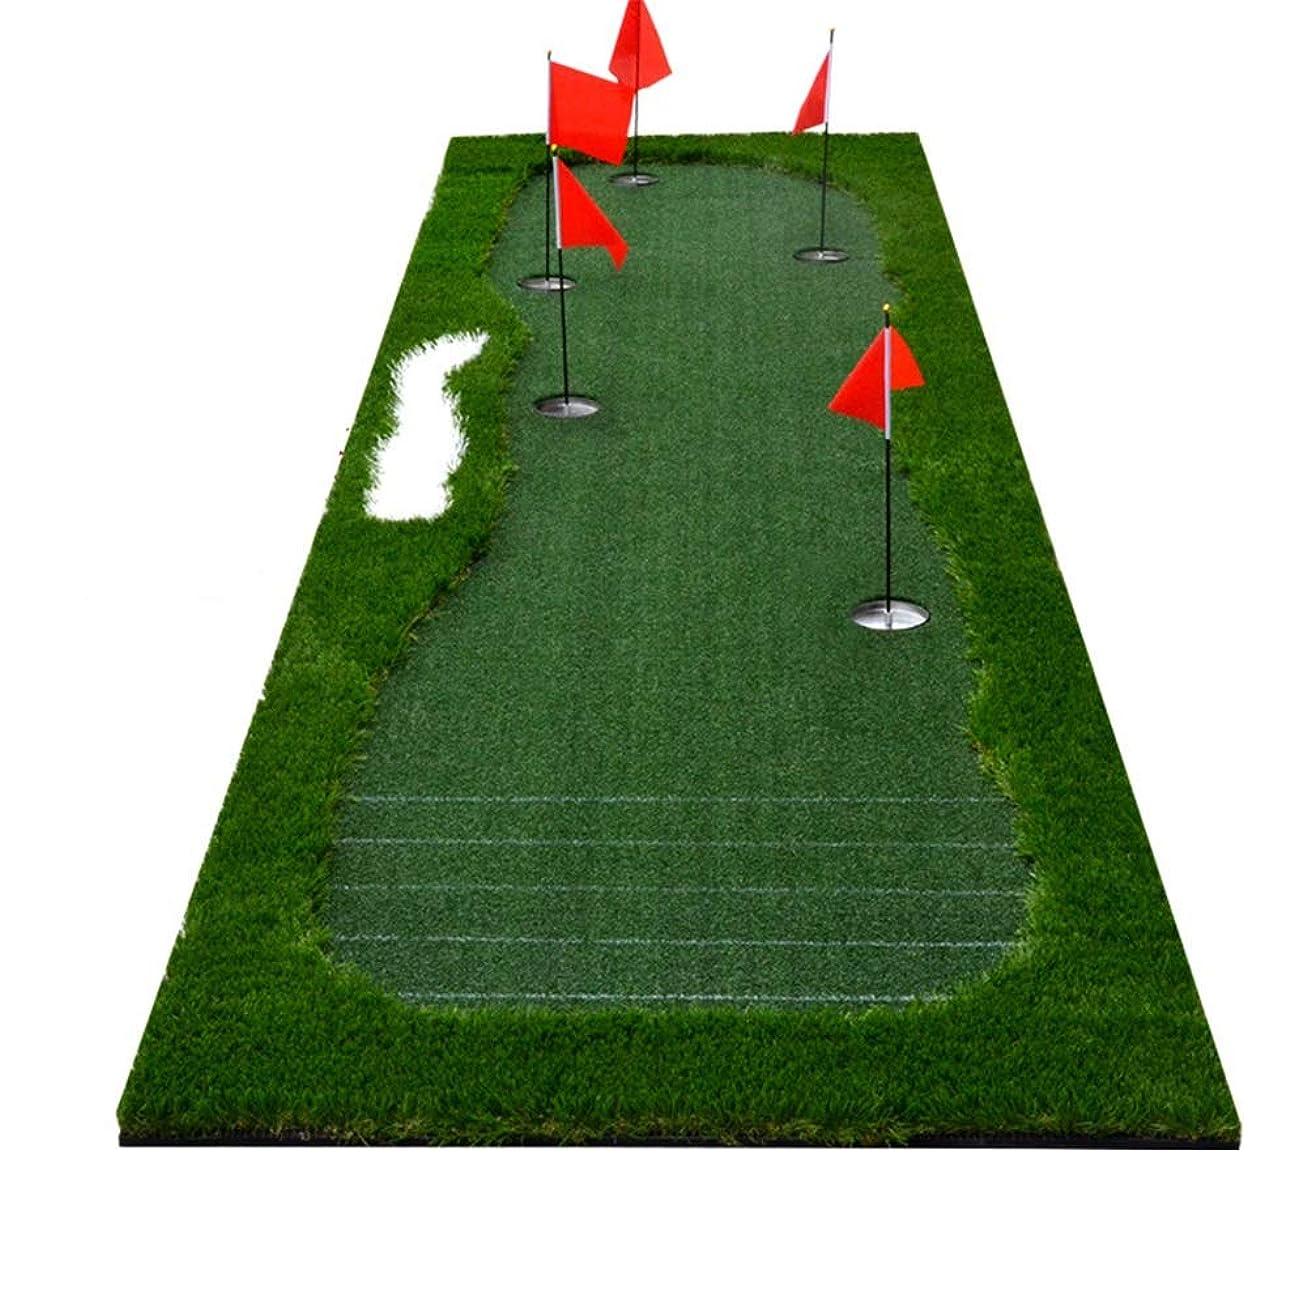 極めて重要な少し案件インドアマットゴルフミニアーティフィシア ポータブル屋内/屋外ゴルフグリーンパッティンググリーンシステムプロの練習パタートレーニングマットエクストラロングリアルライクグラスパッティングトレーナーセット サーフェスフラッグアクセサリー (色 : 緑, サイズ : 1*3.5m)